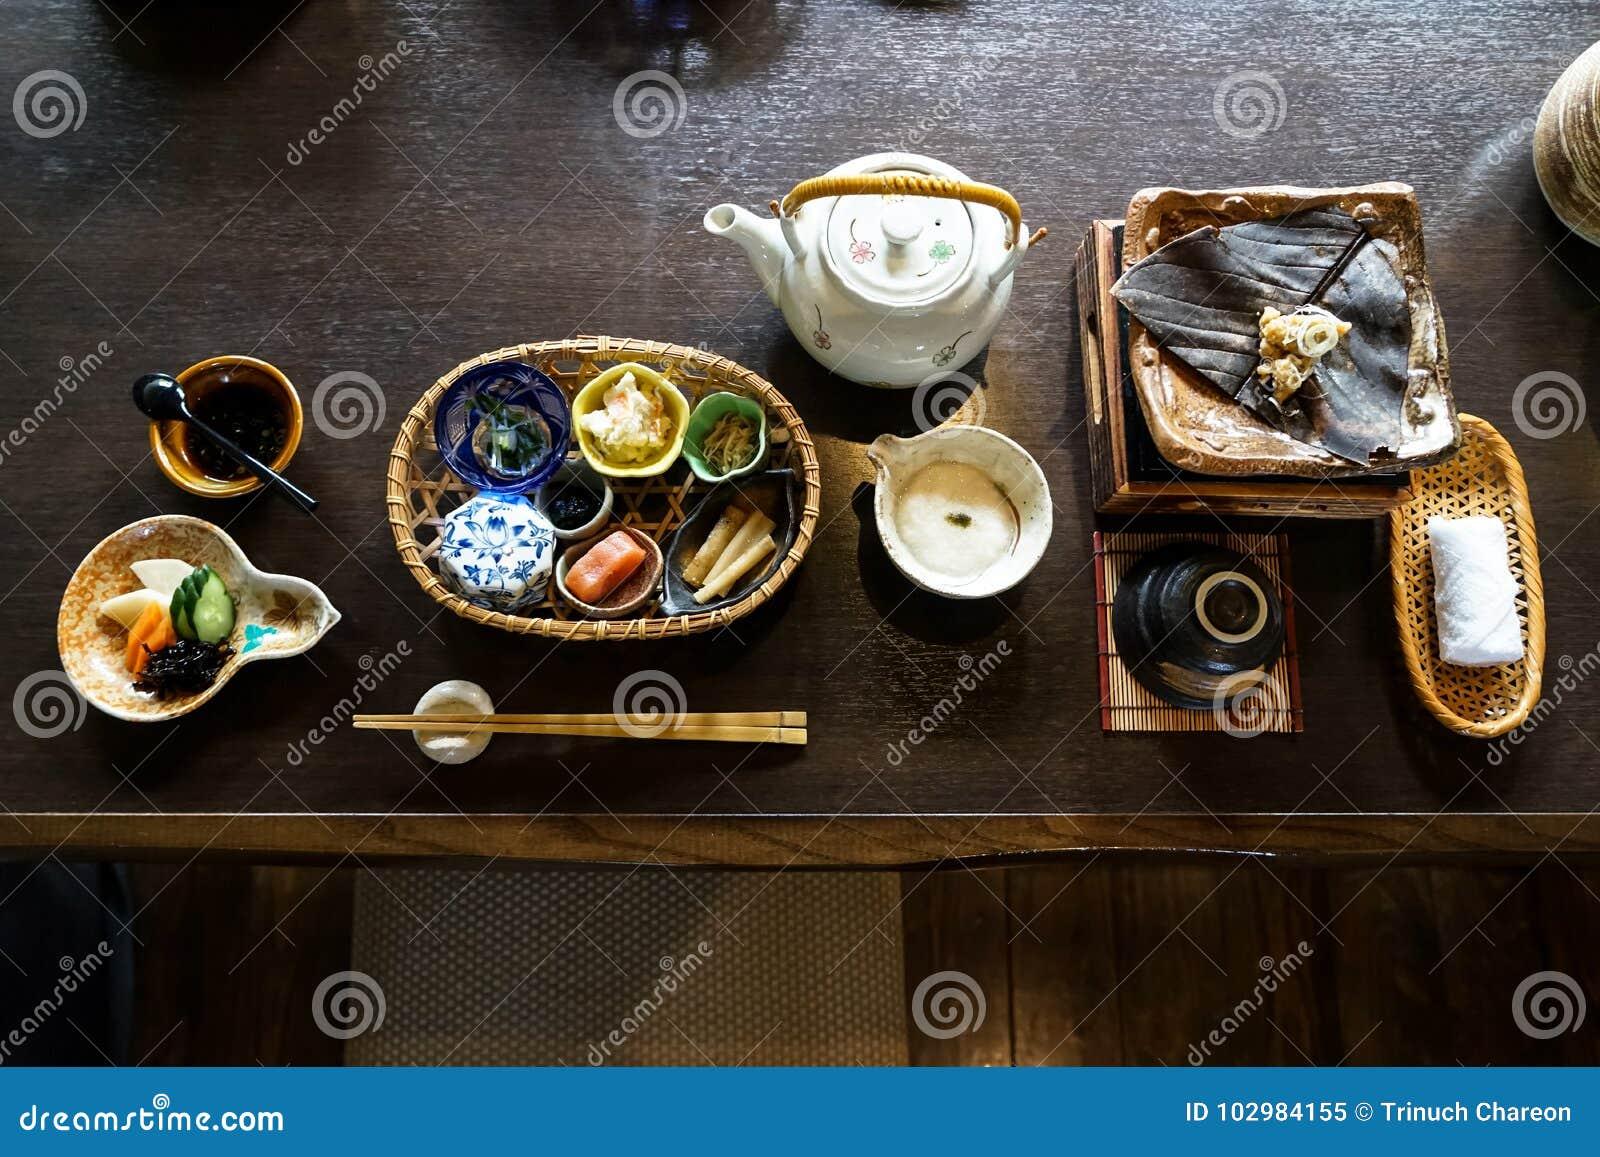 日本ryokan早餐开胃菜盘包括mentaiko,腌汁,海草,笋,热板,其他配菜